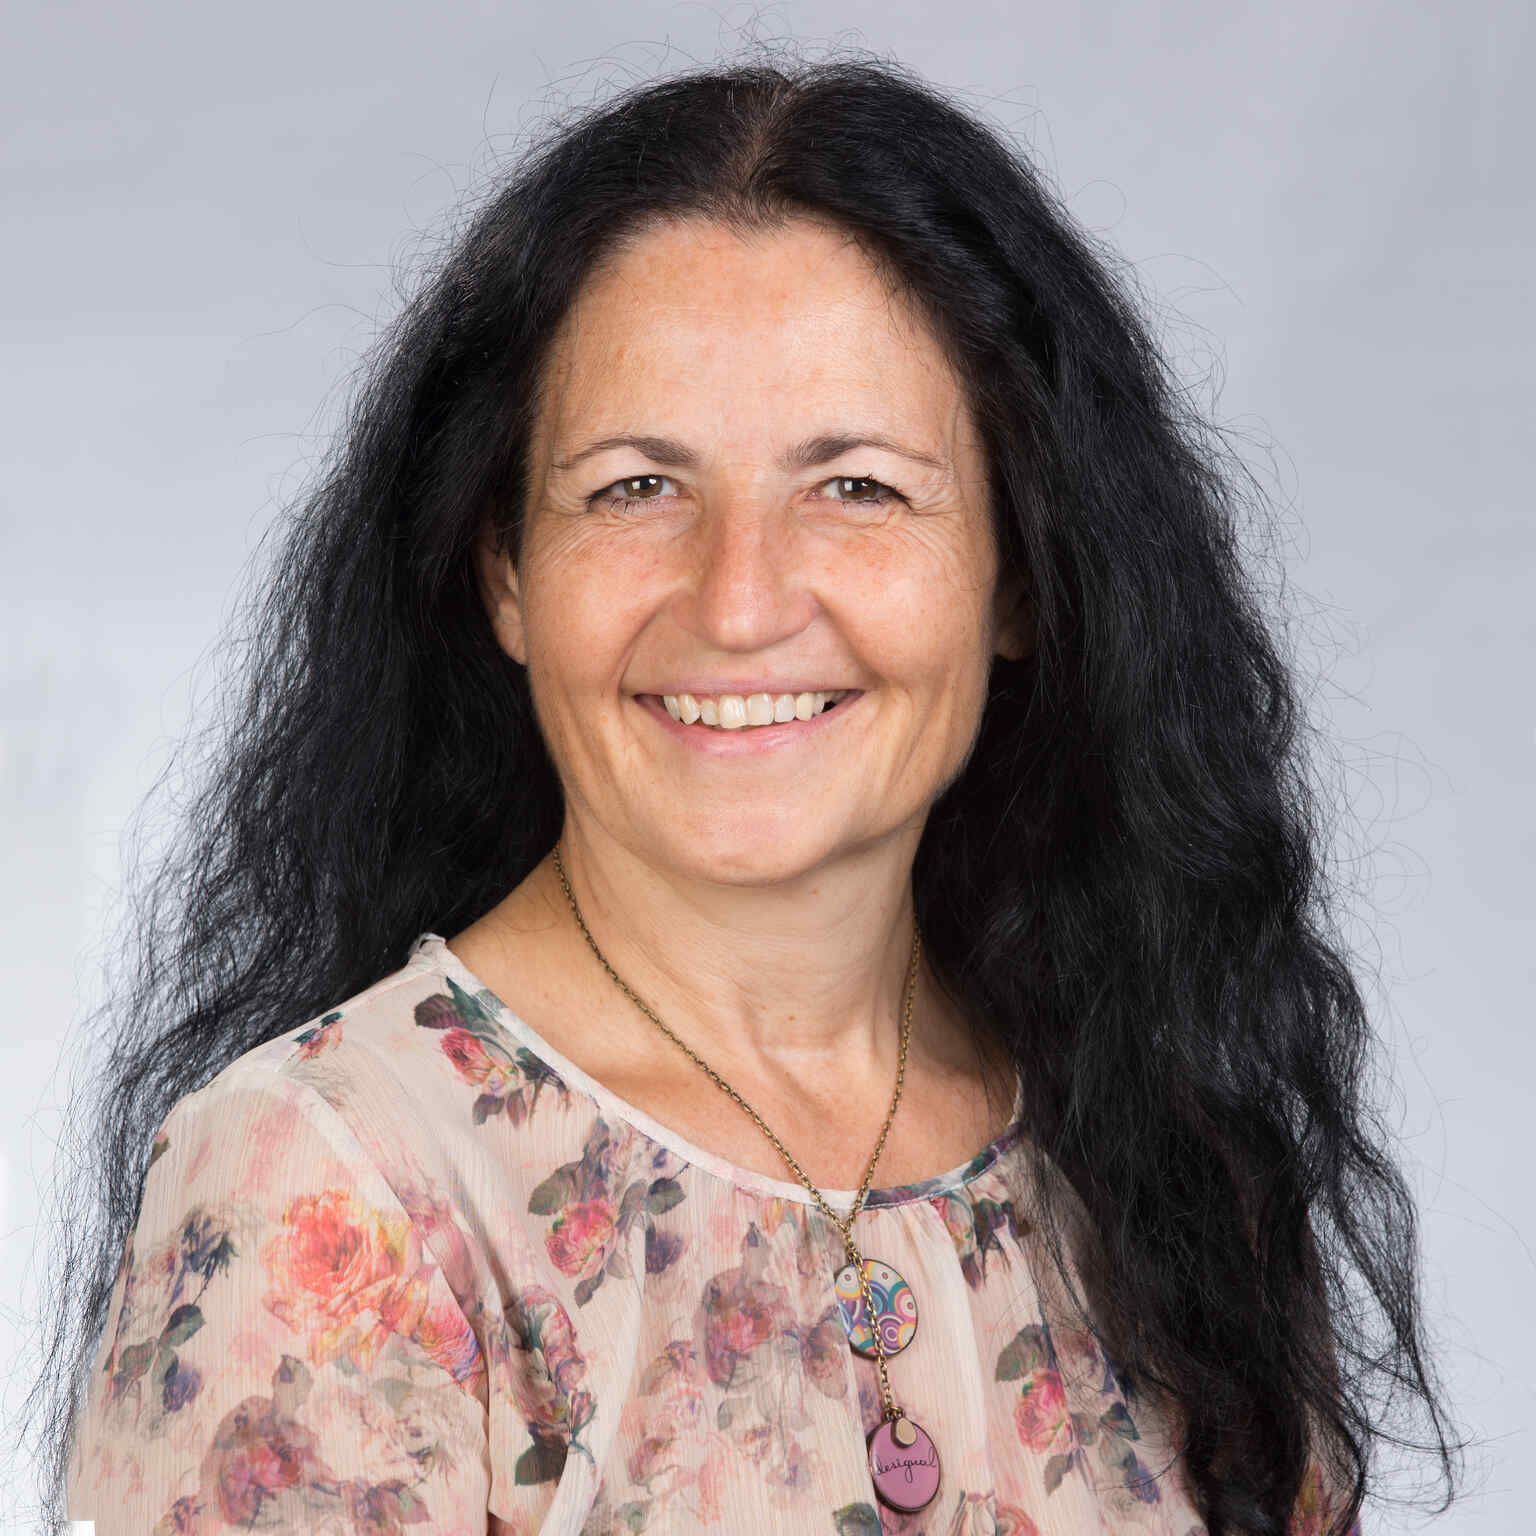 Fr. Prok. Eva Lachner MBA